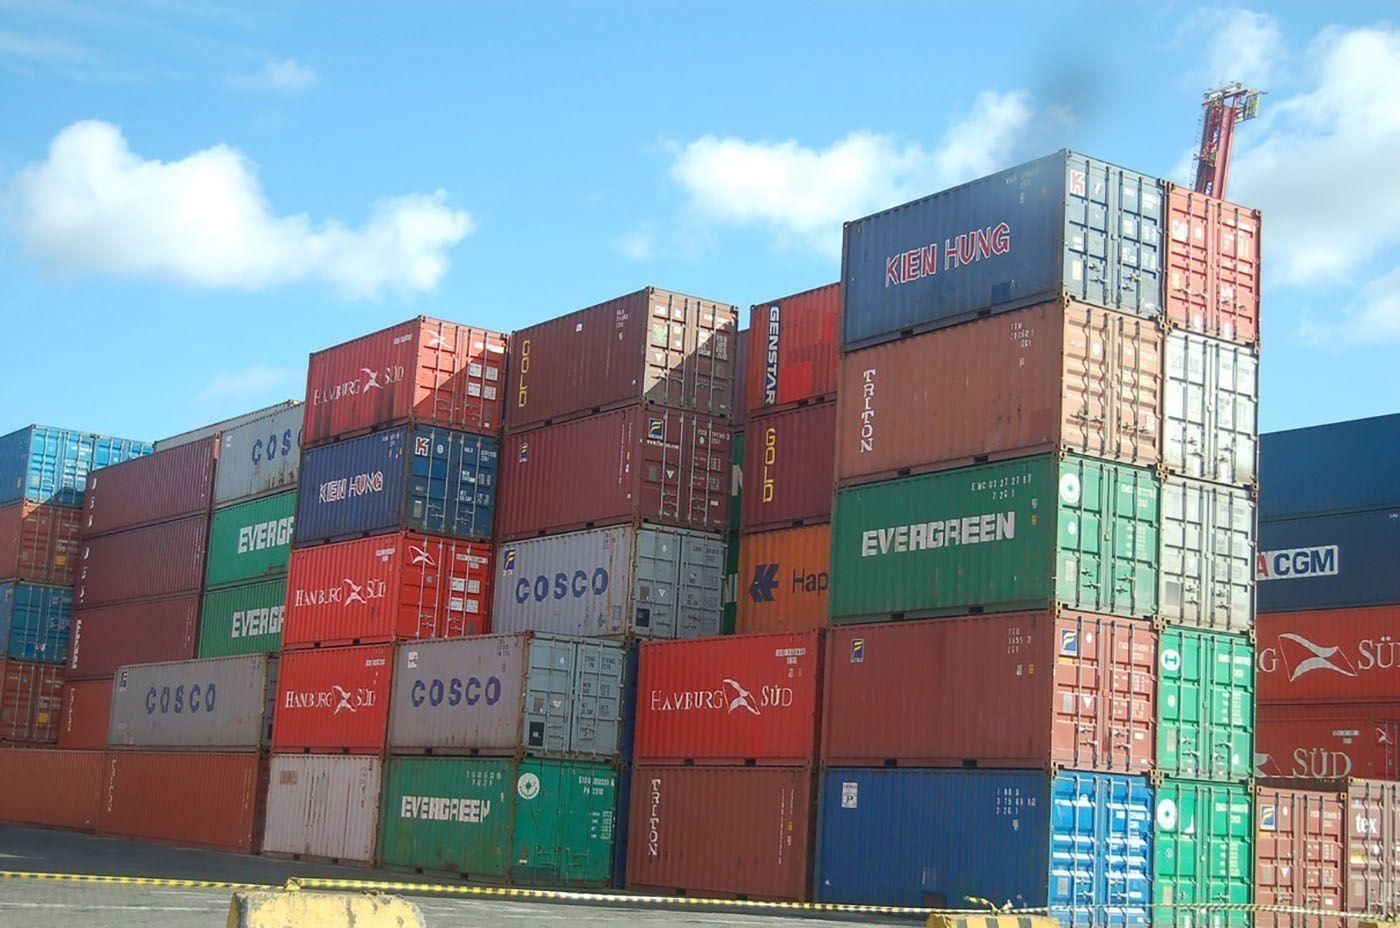 Exportações crescem 25% na segunda semana de março  http://www.grupomariel.com.br/exportacoes-crescem-25-na-segunda-semana-de-marco/